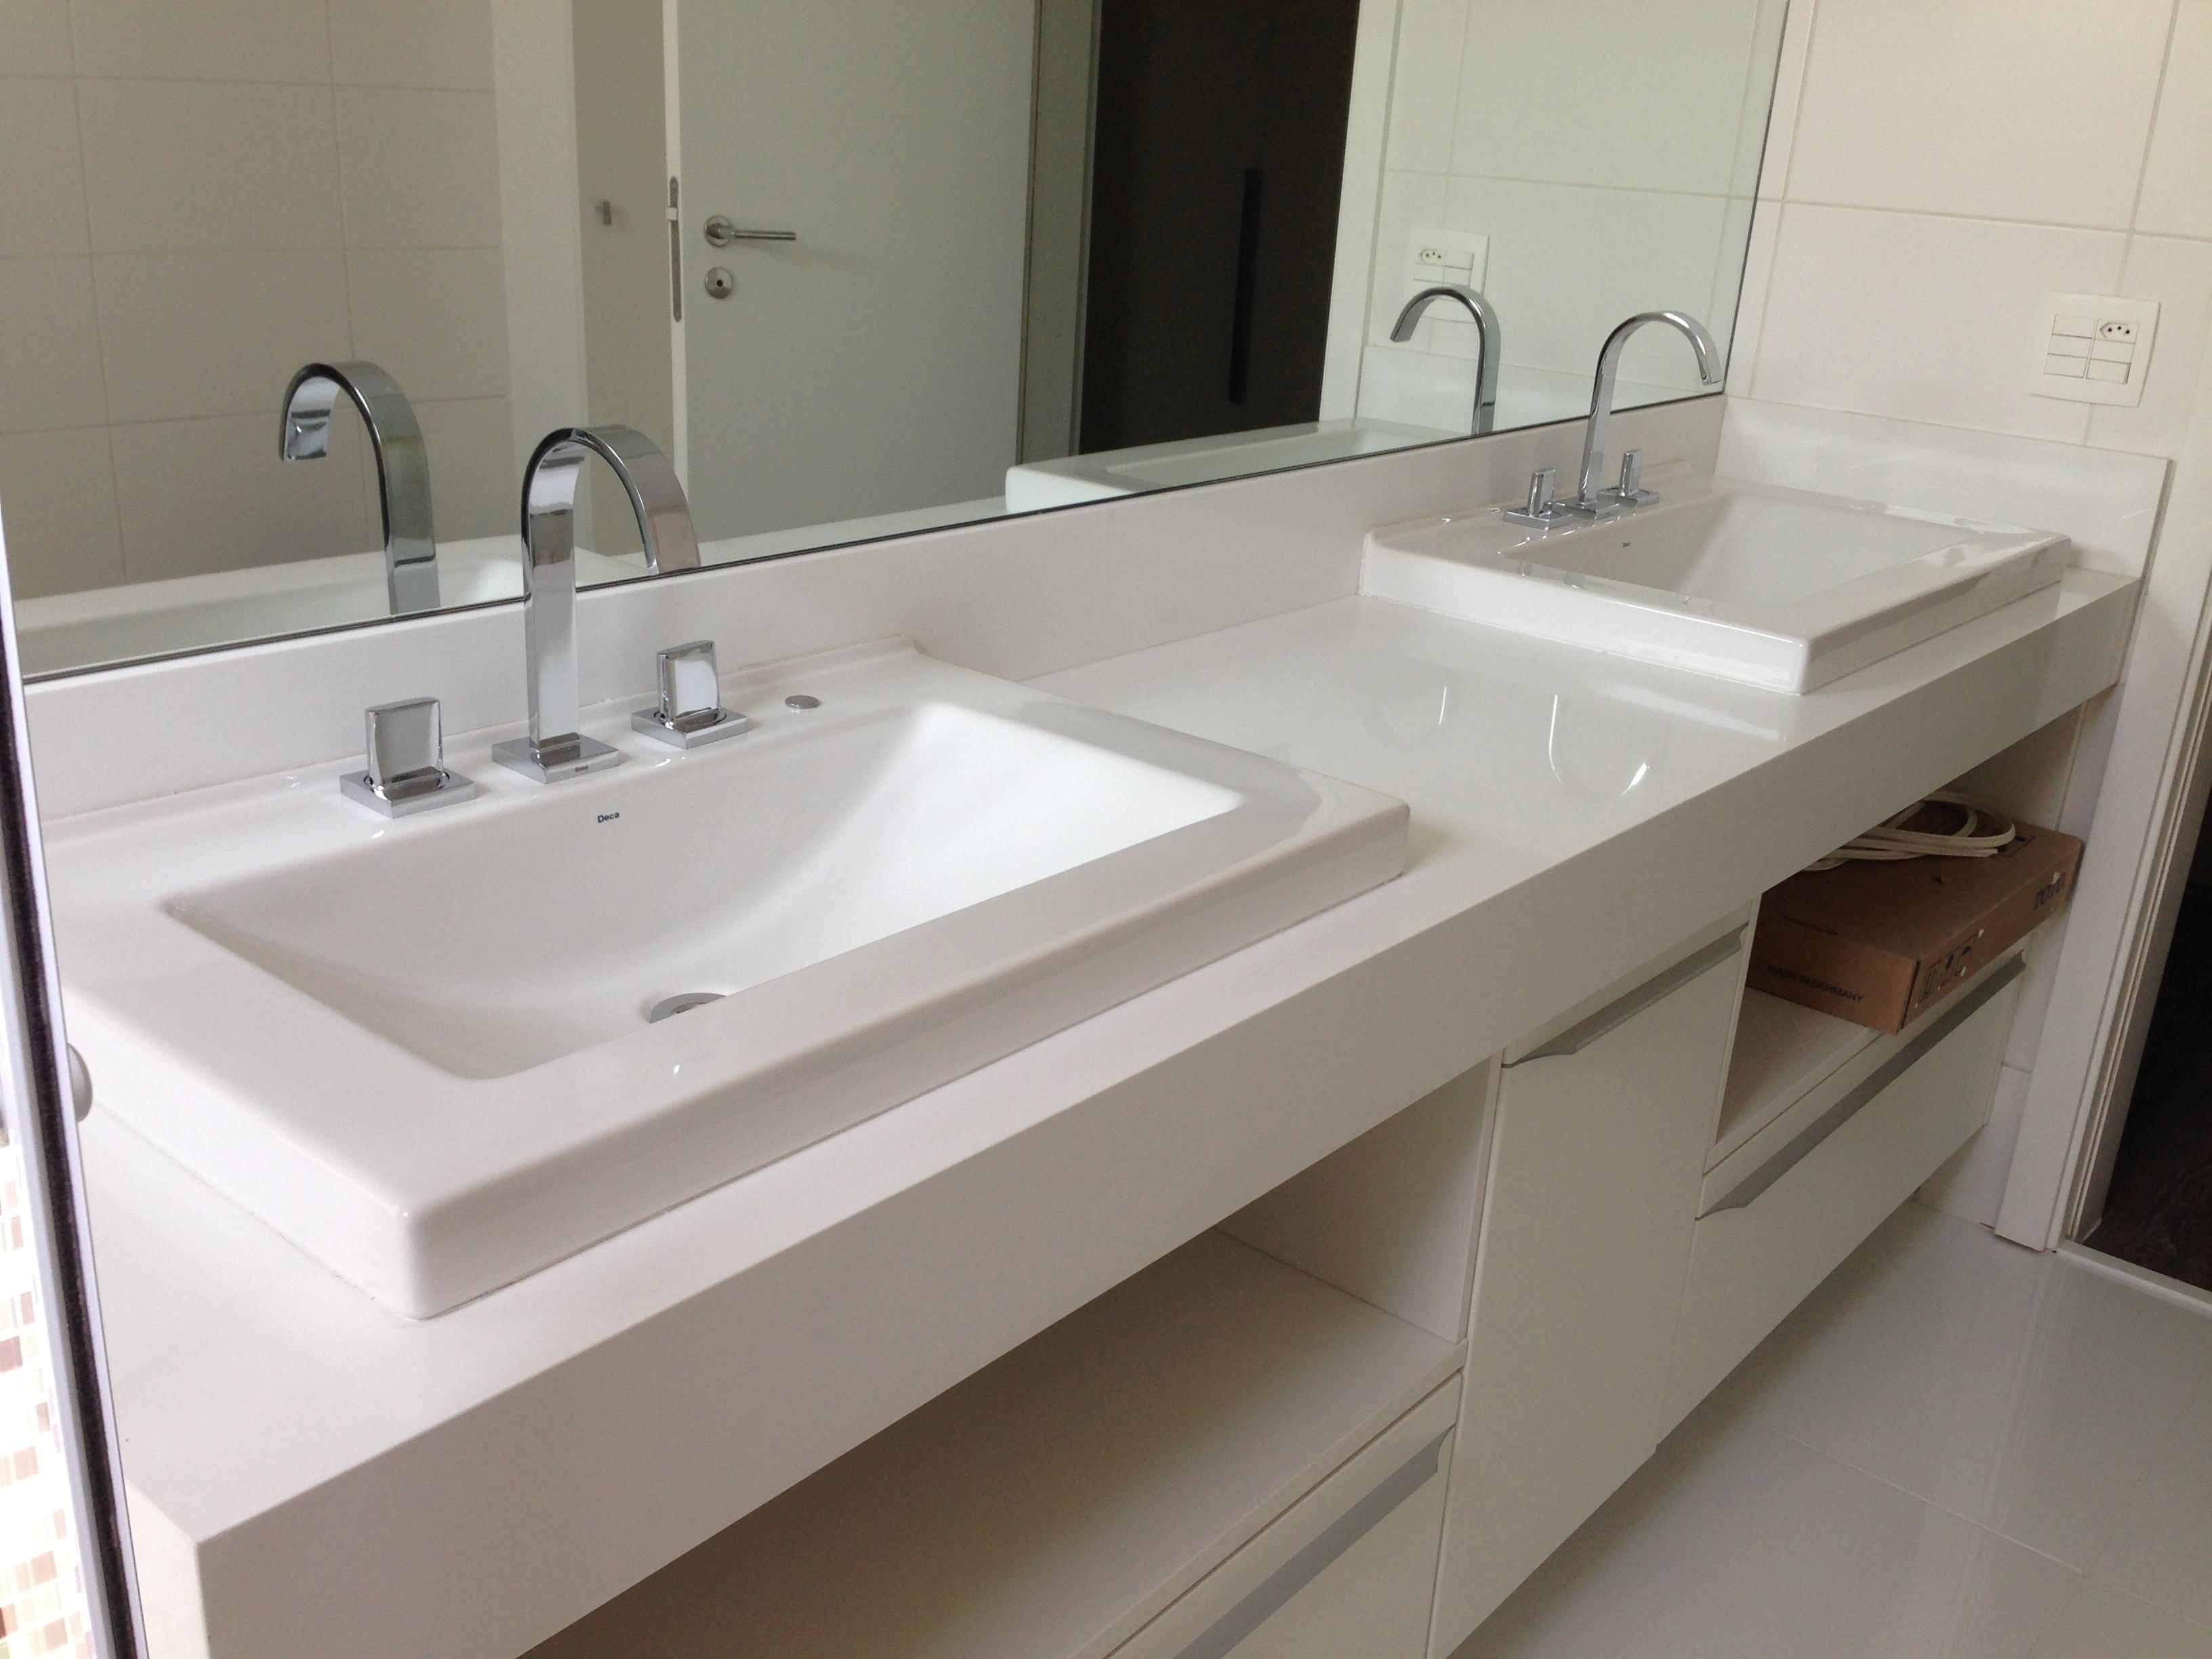 Granito Branco e dicas de decoração Pedras Olivares #5C4D3B 3264x2448 Bancada Banheiro Branco Siena